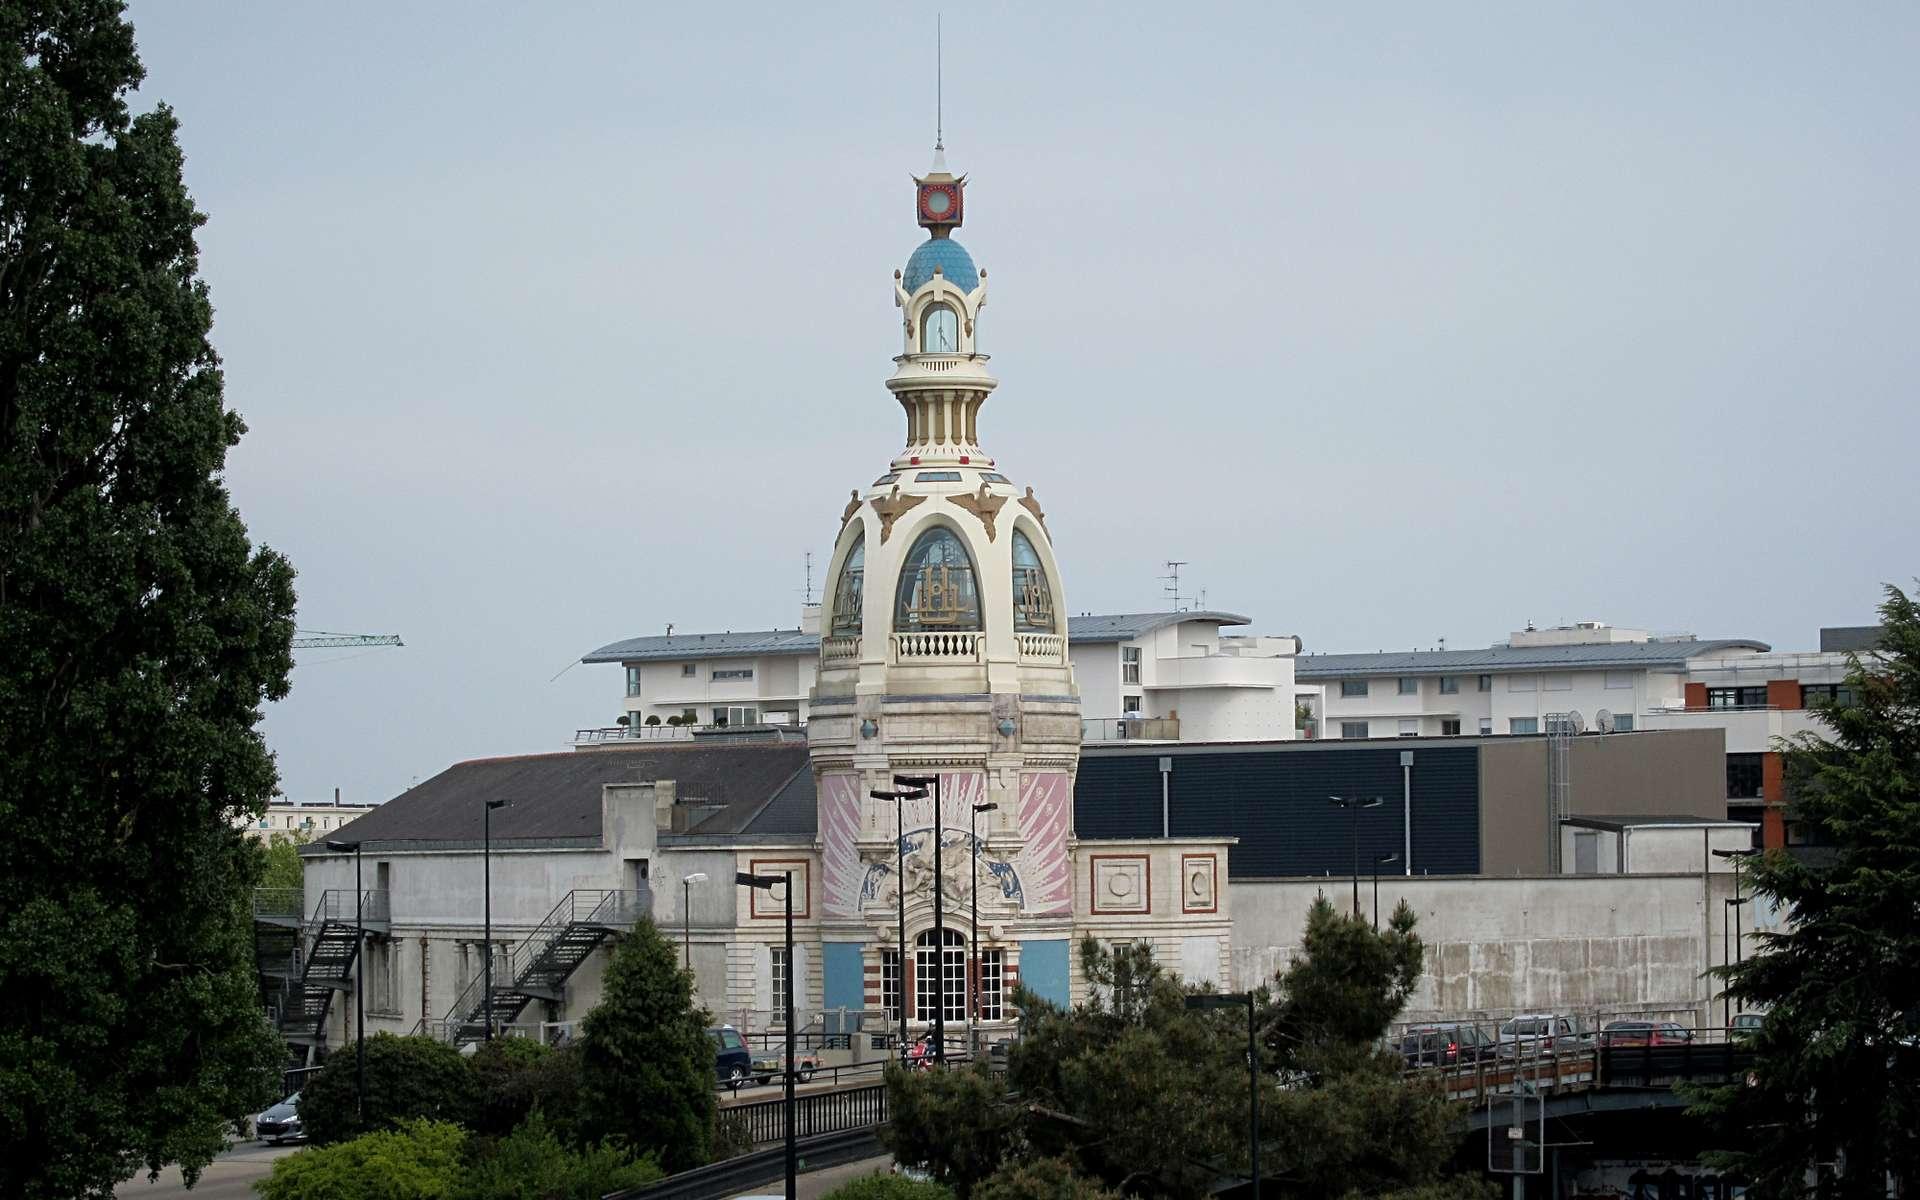 Le Lieu unique, à Nantes, dans l'ancienne biscuiterie LU © Velvet, Wikimedia Commons, CC by-sa 3.0, 2.5, 2.0, 1.0